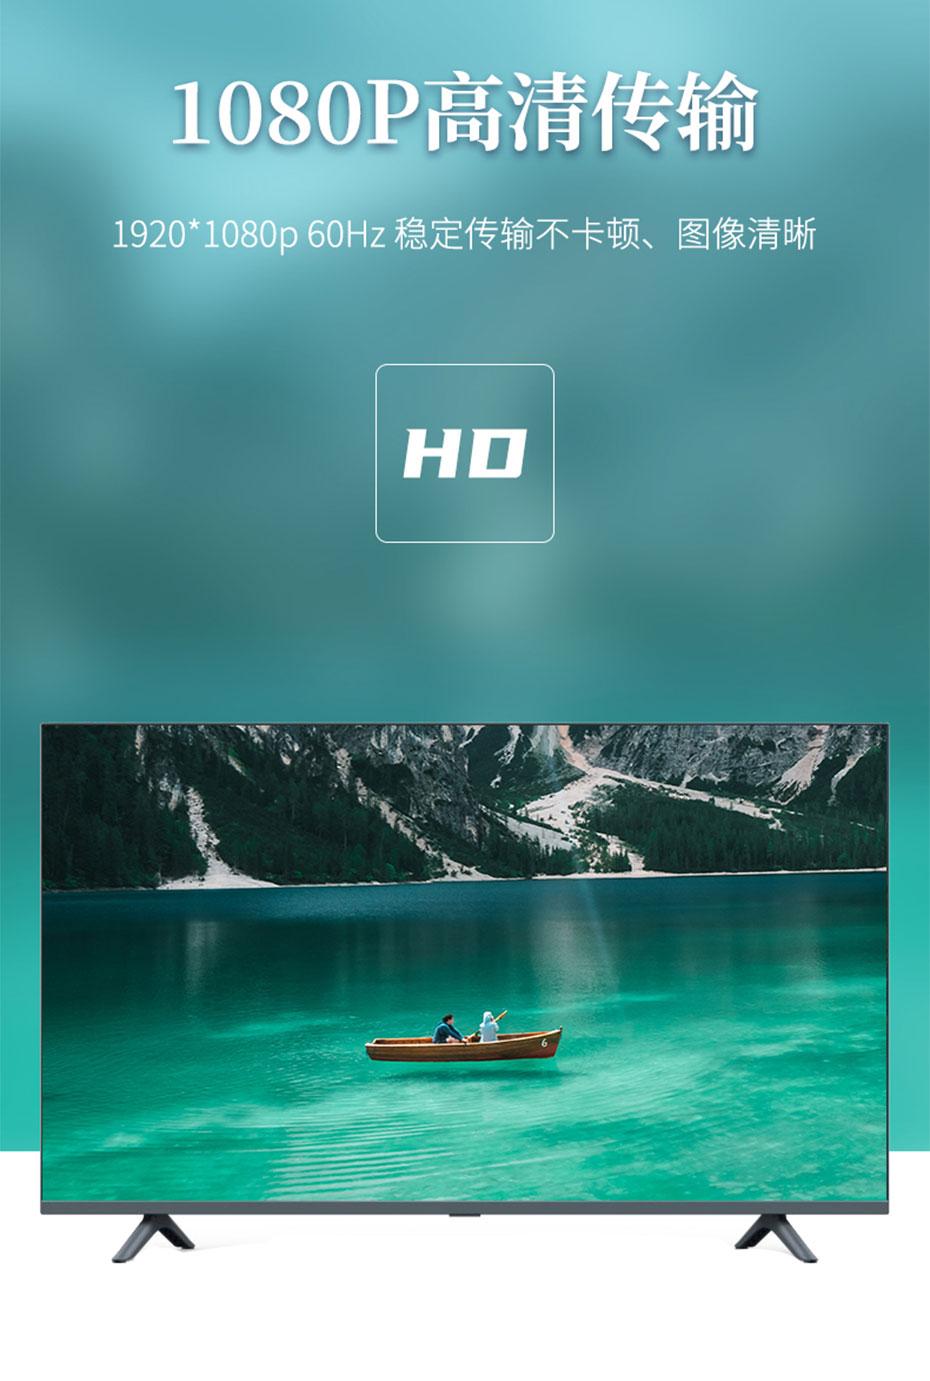 DVI分配器一进十六出161D最高支持1920*1080p@60Hz高清分辨率